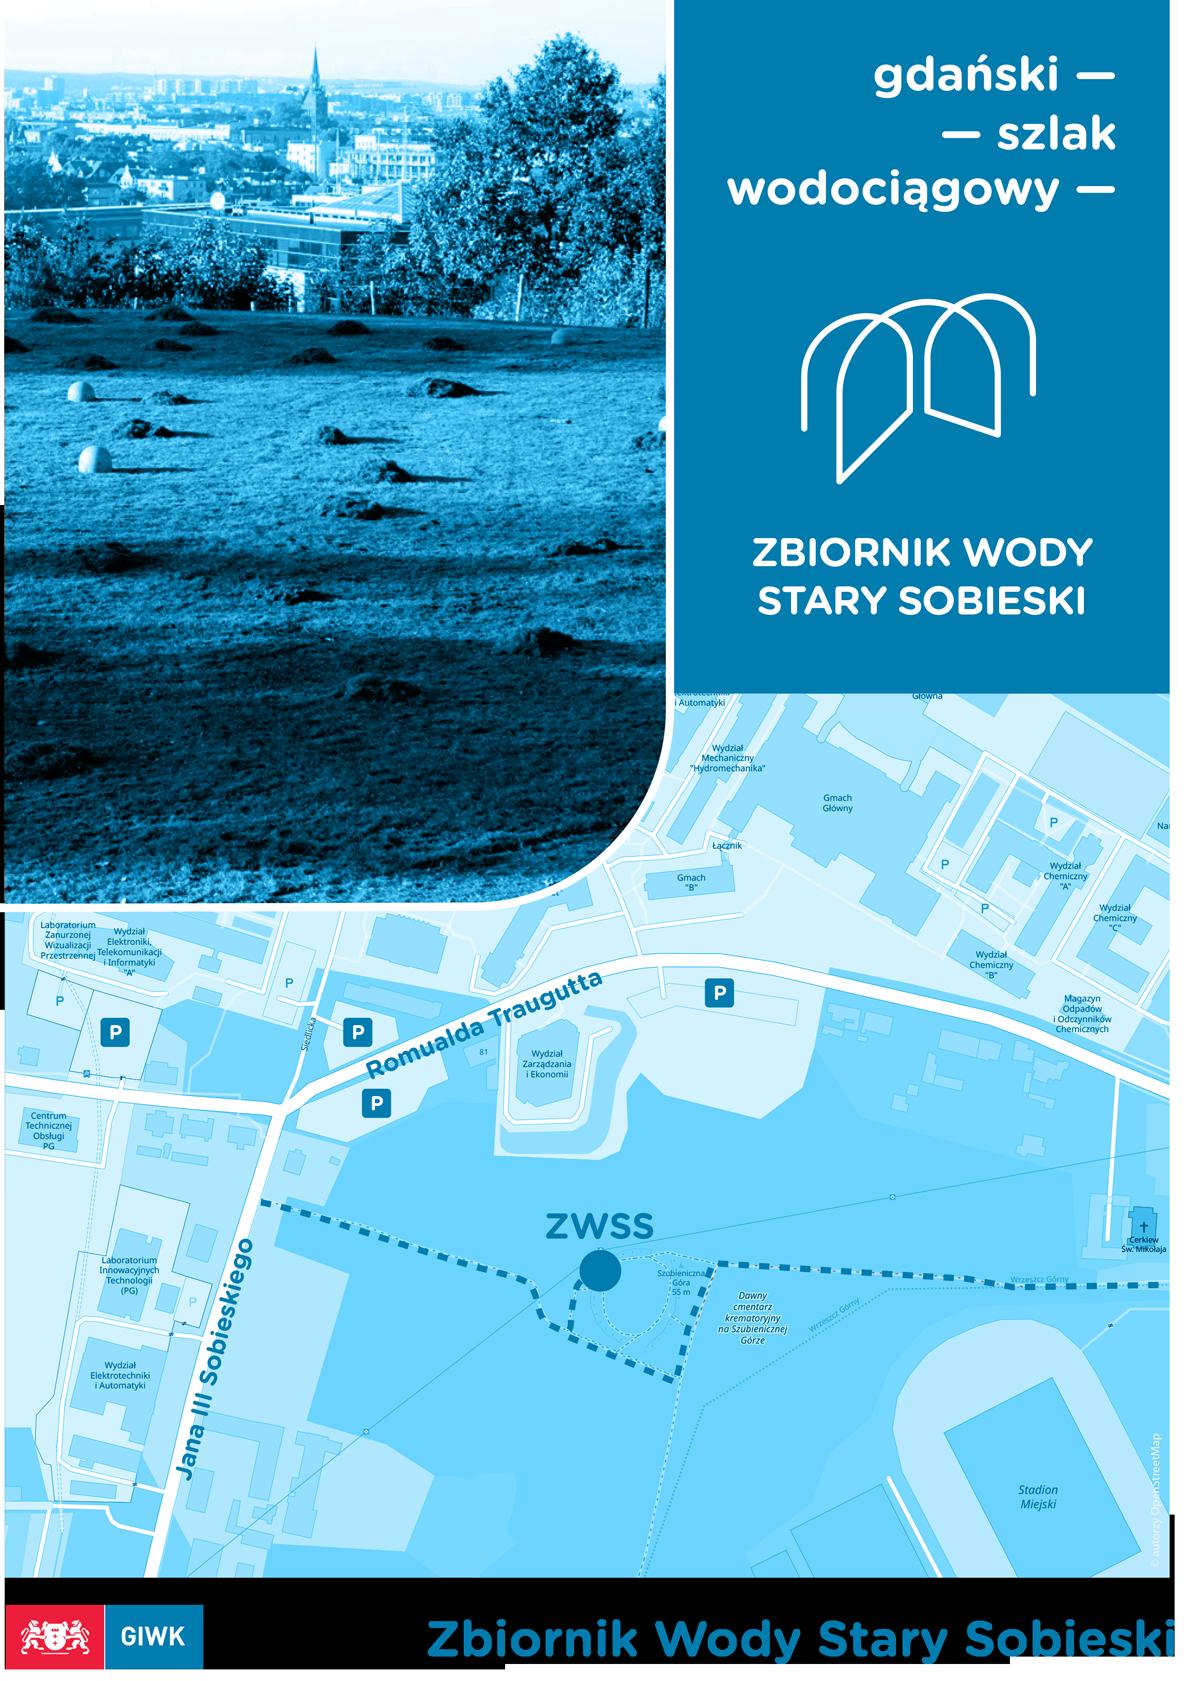 Zbiornik Wody Stary Sobieski mapka dojścia